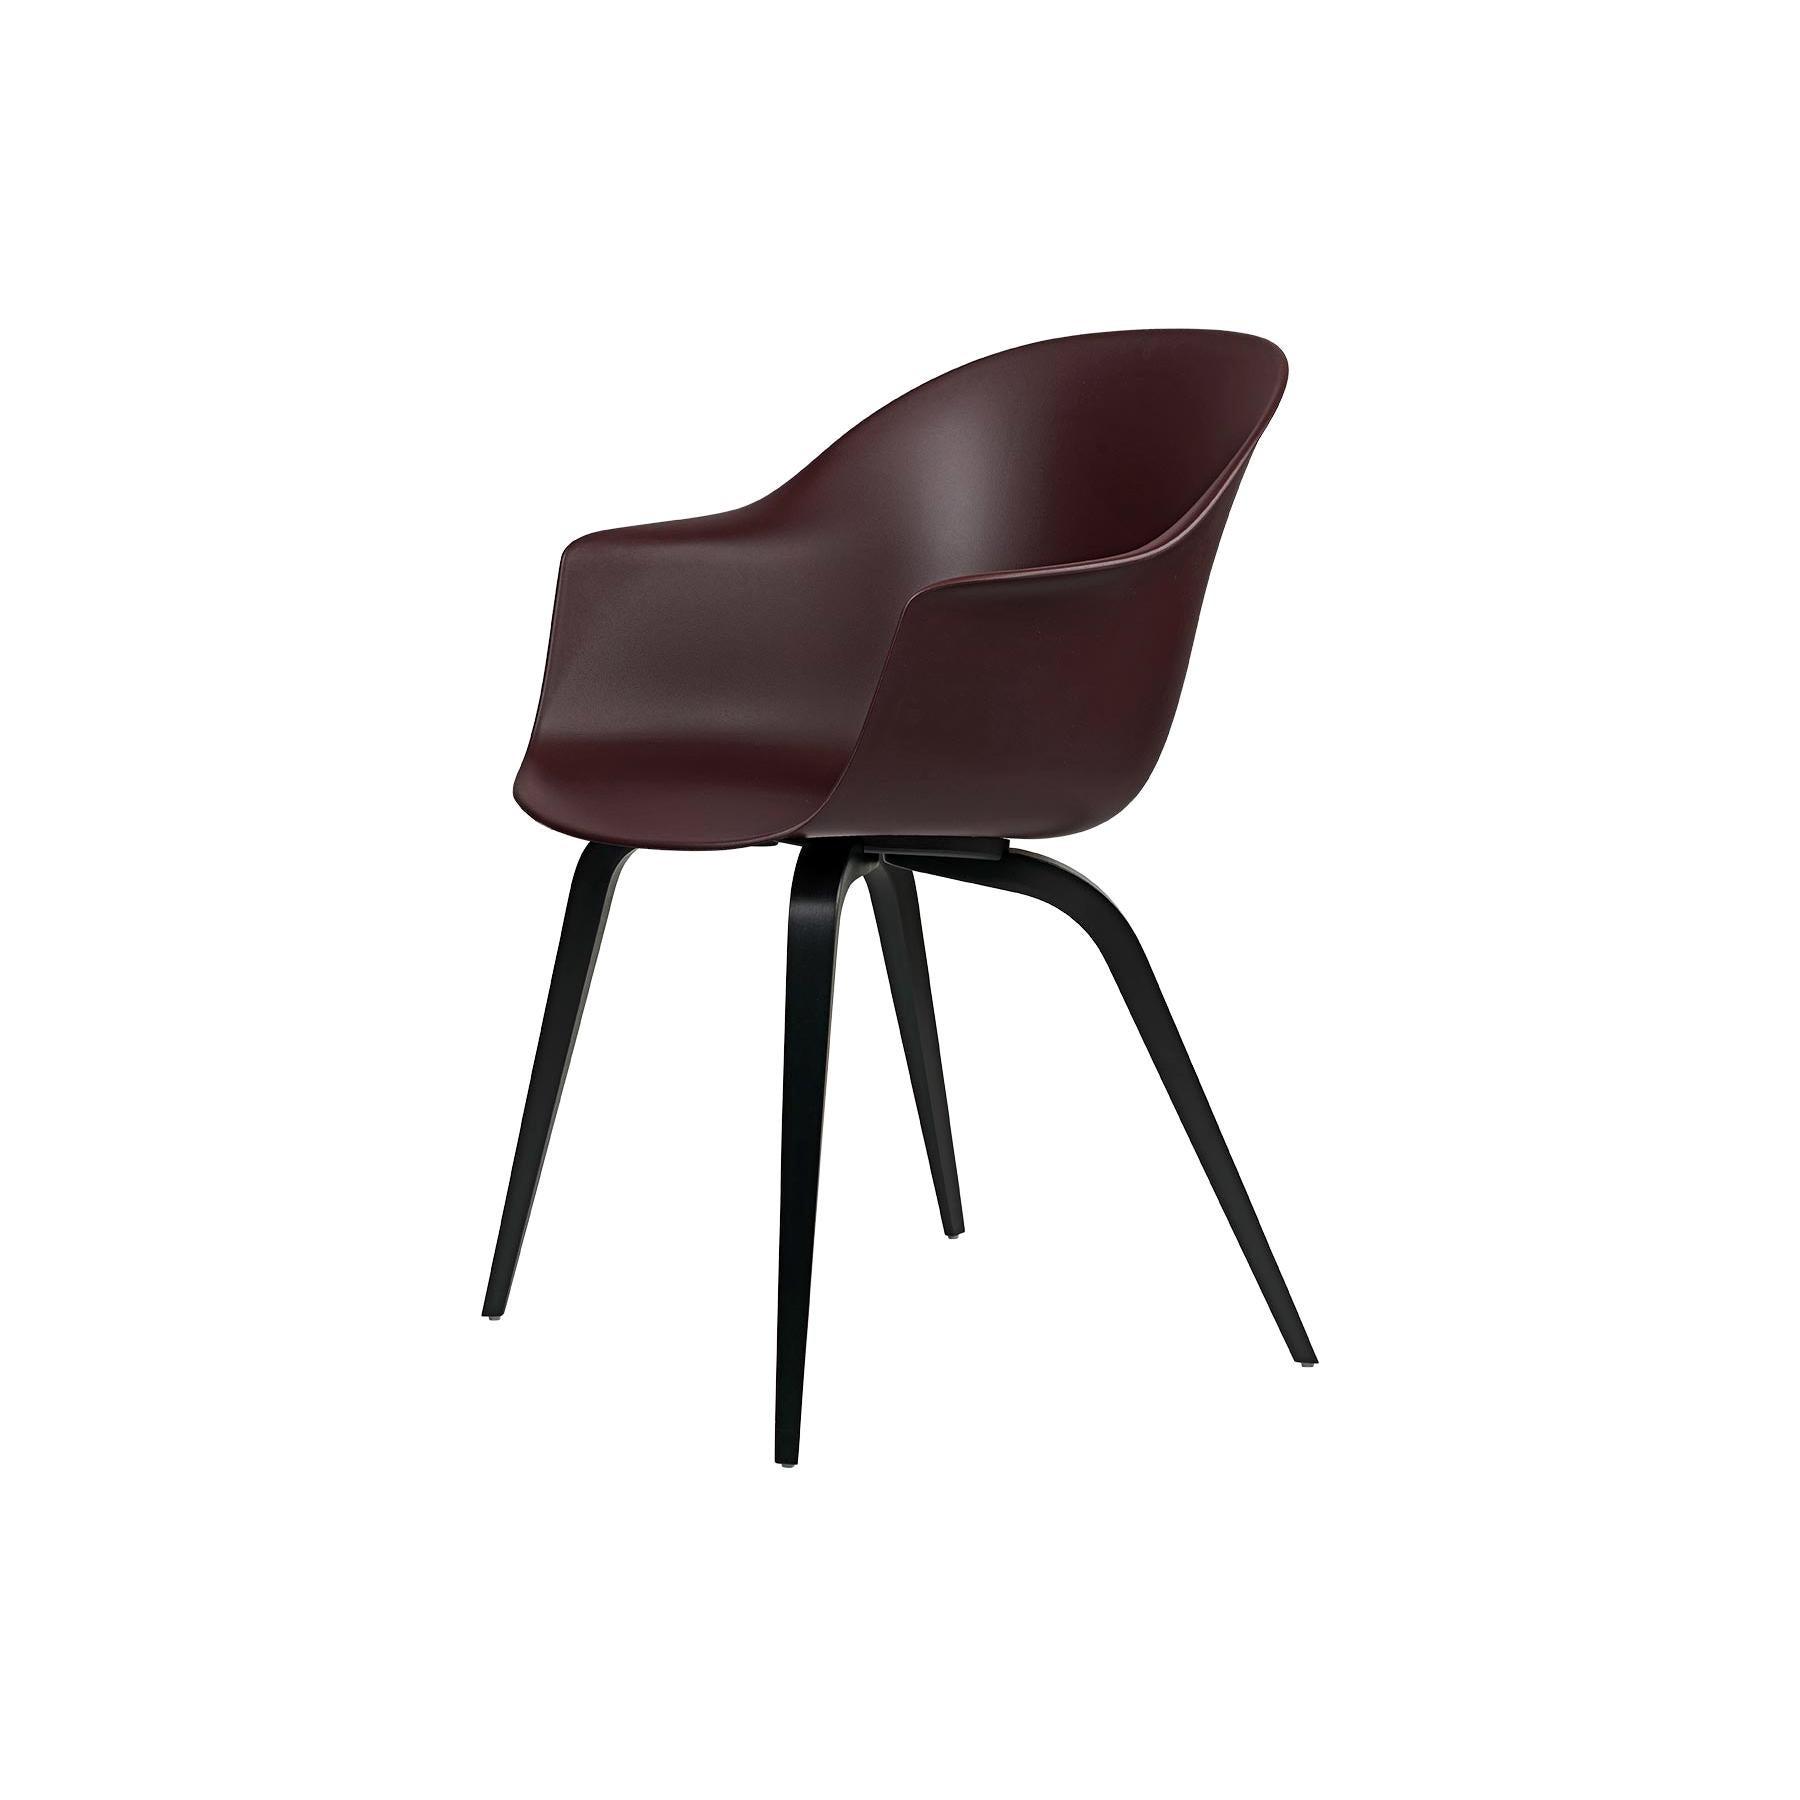 Bat Dining Chair, Un-Upholstered, Natural Oak